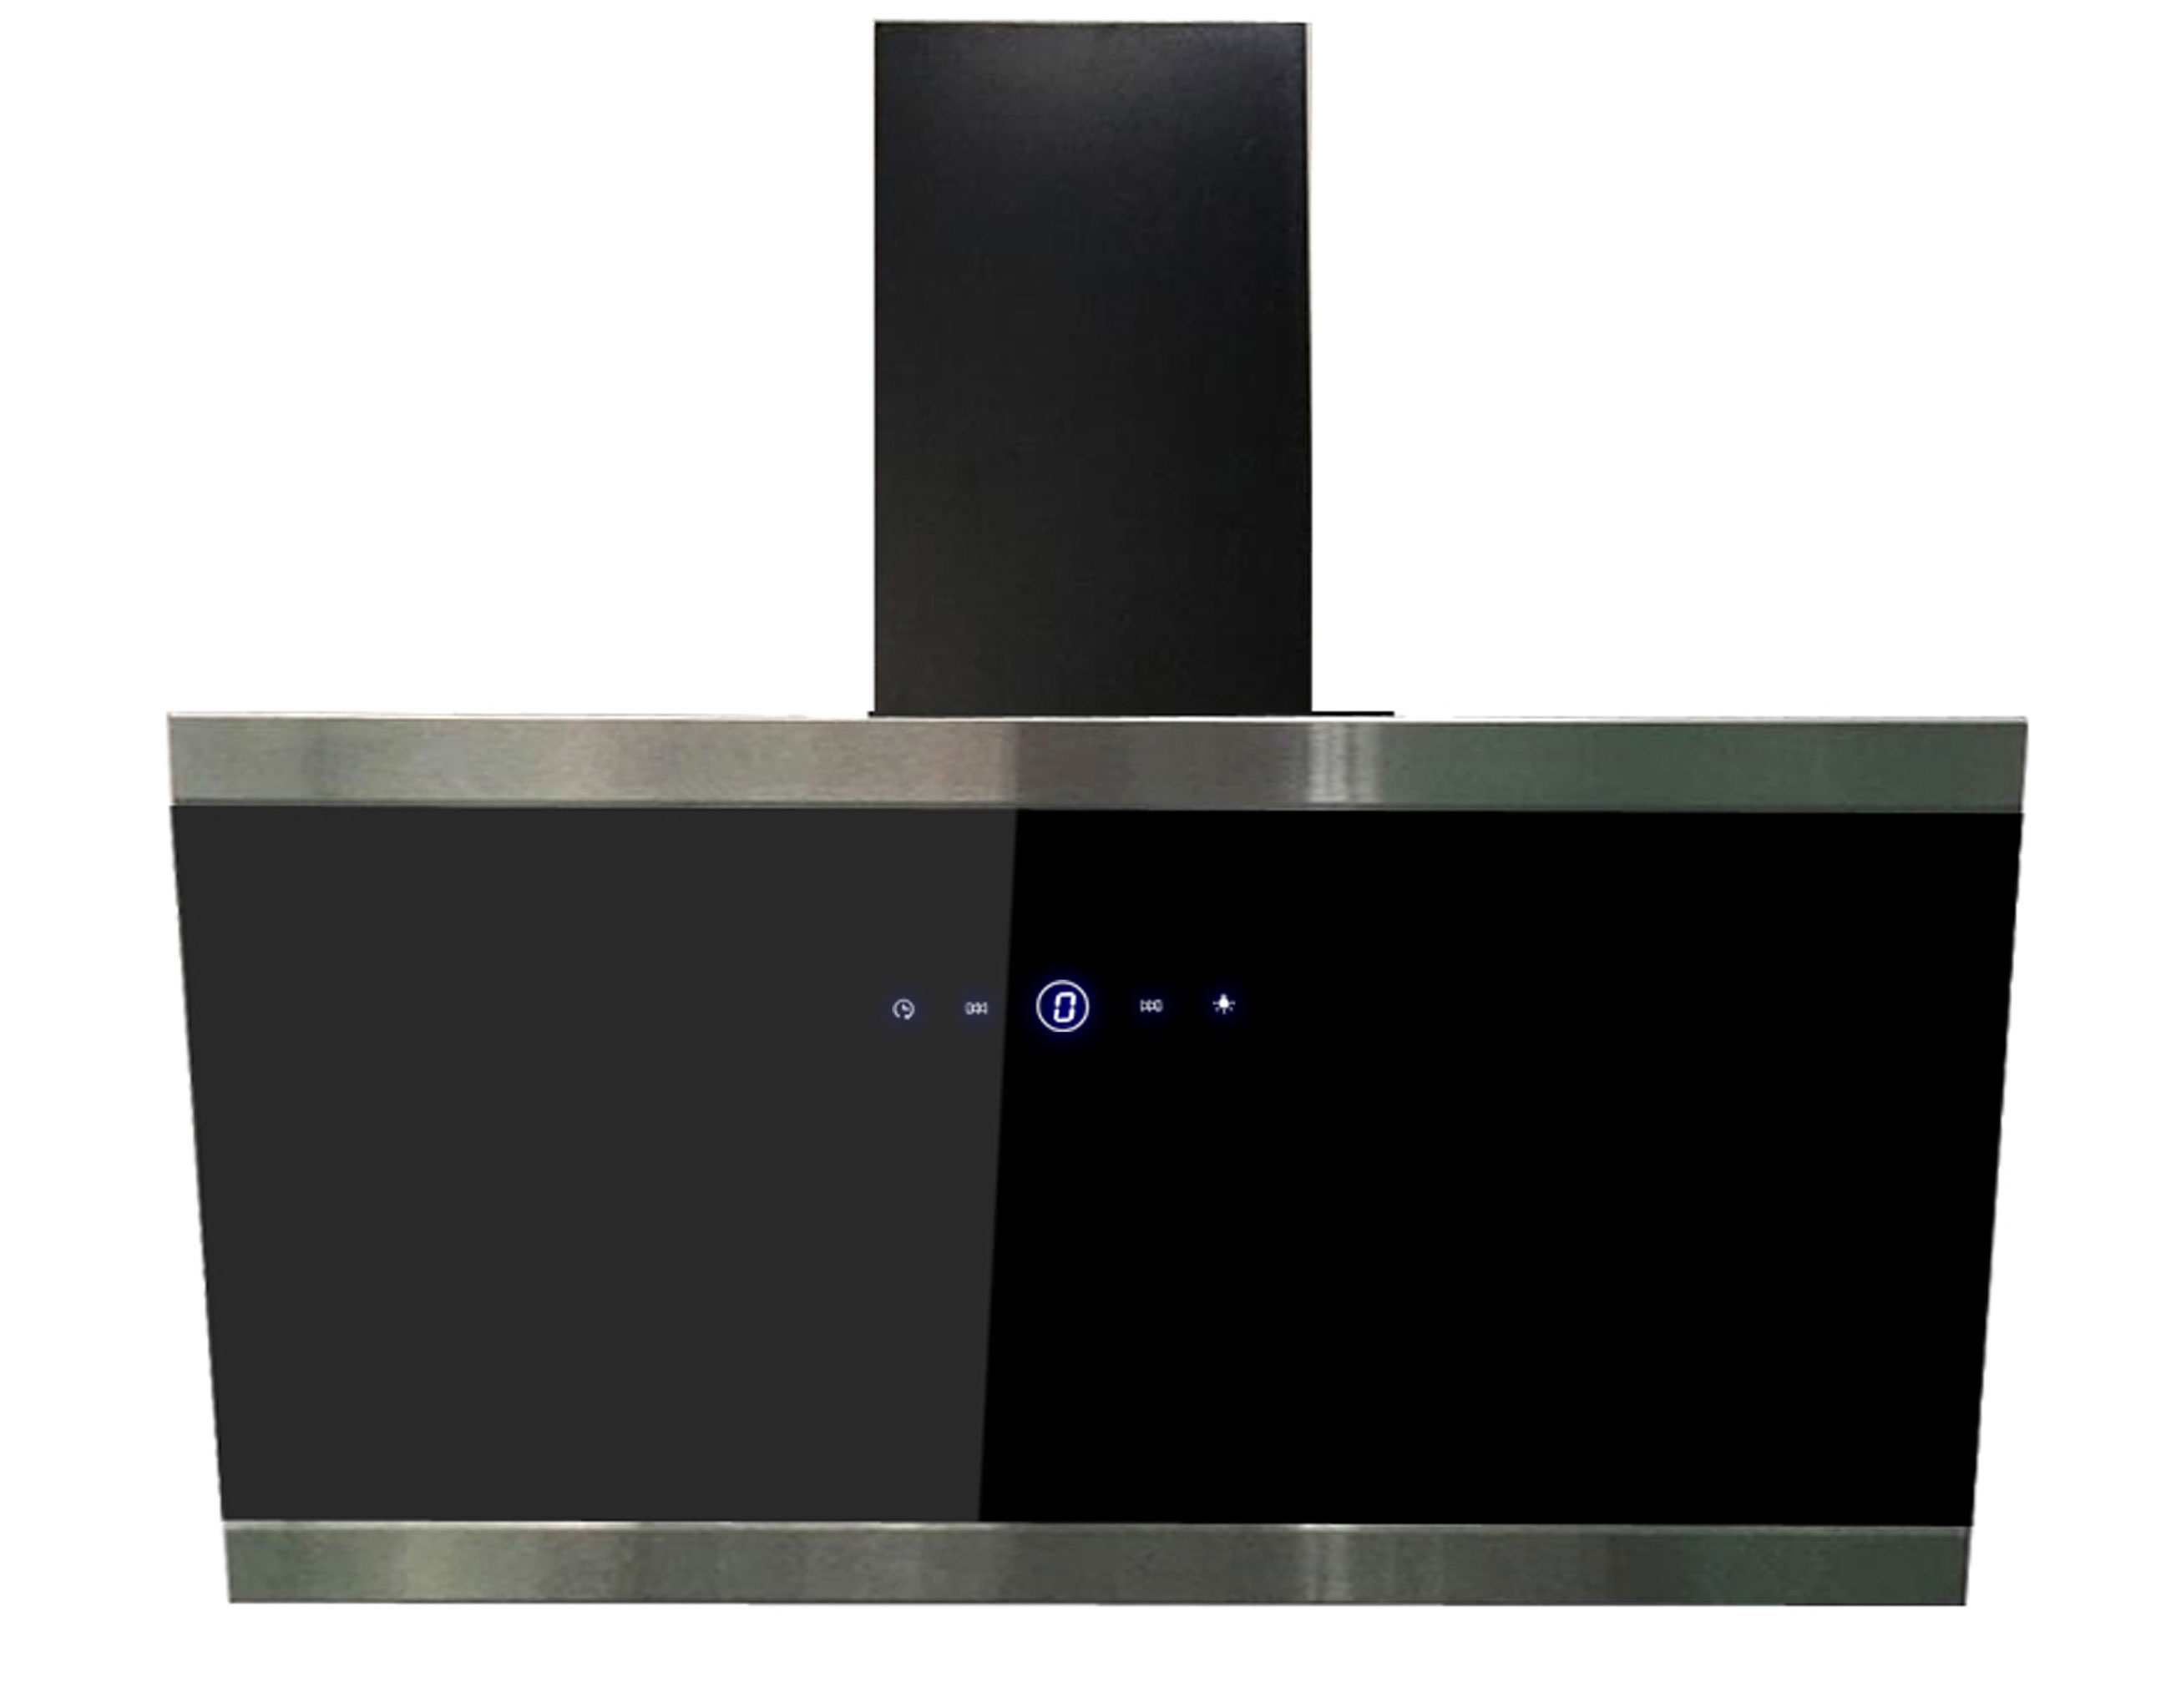 Dunstabzugshaube / Schräghaube Respekta CH 88090 SA+ 90cm schwarz Bild 2